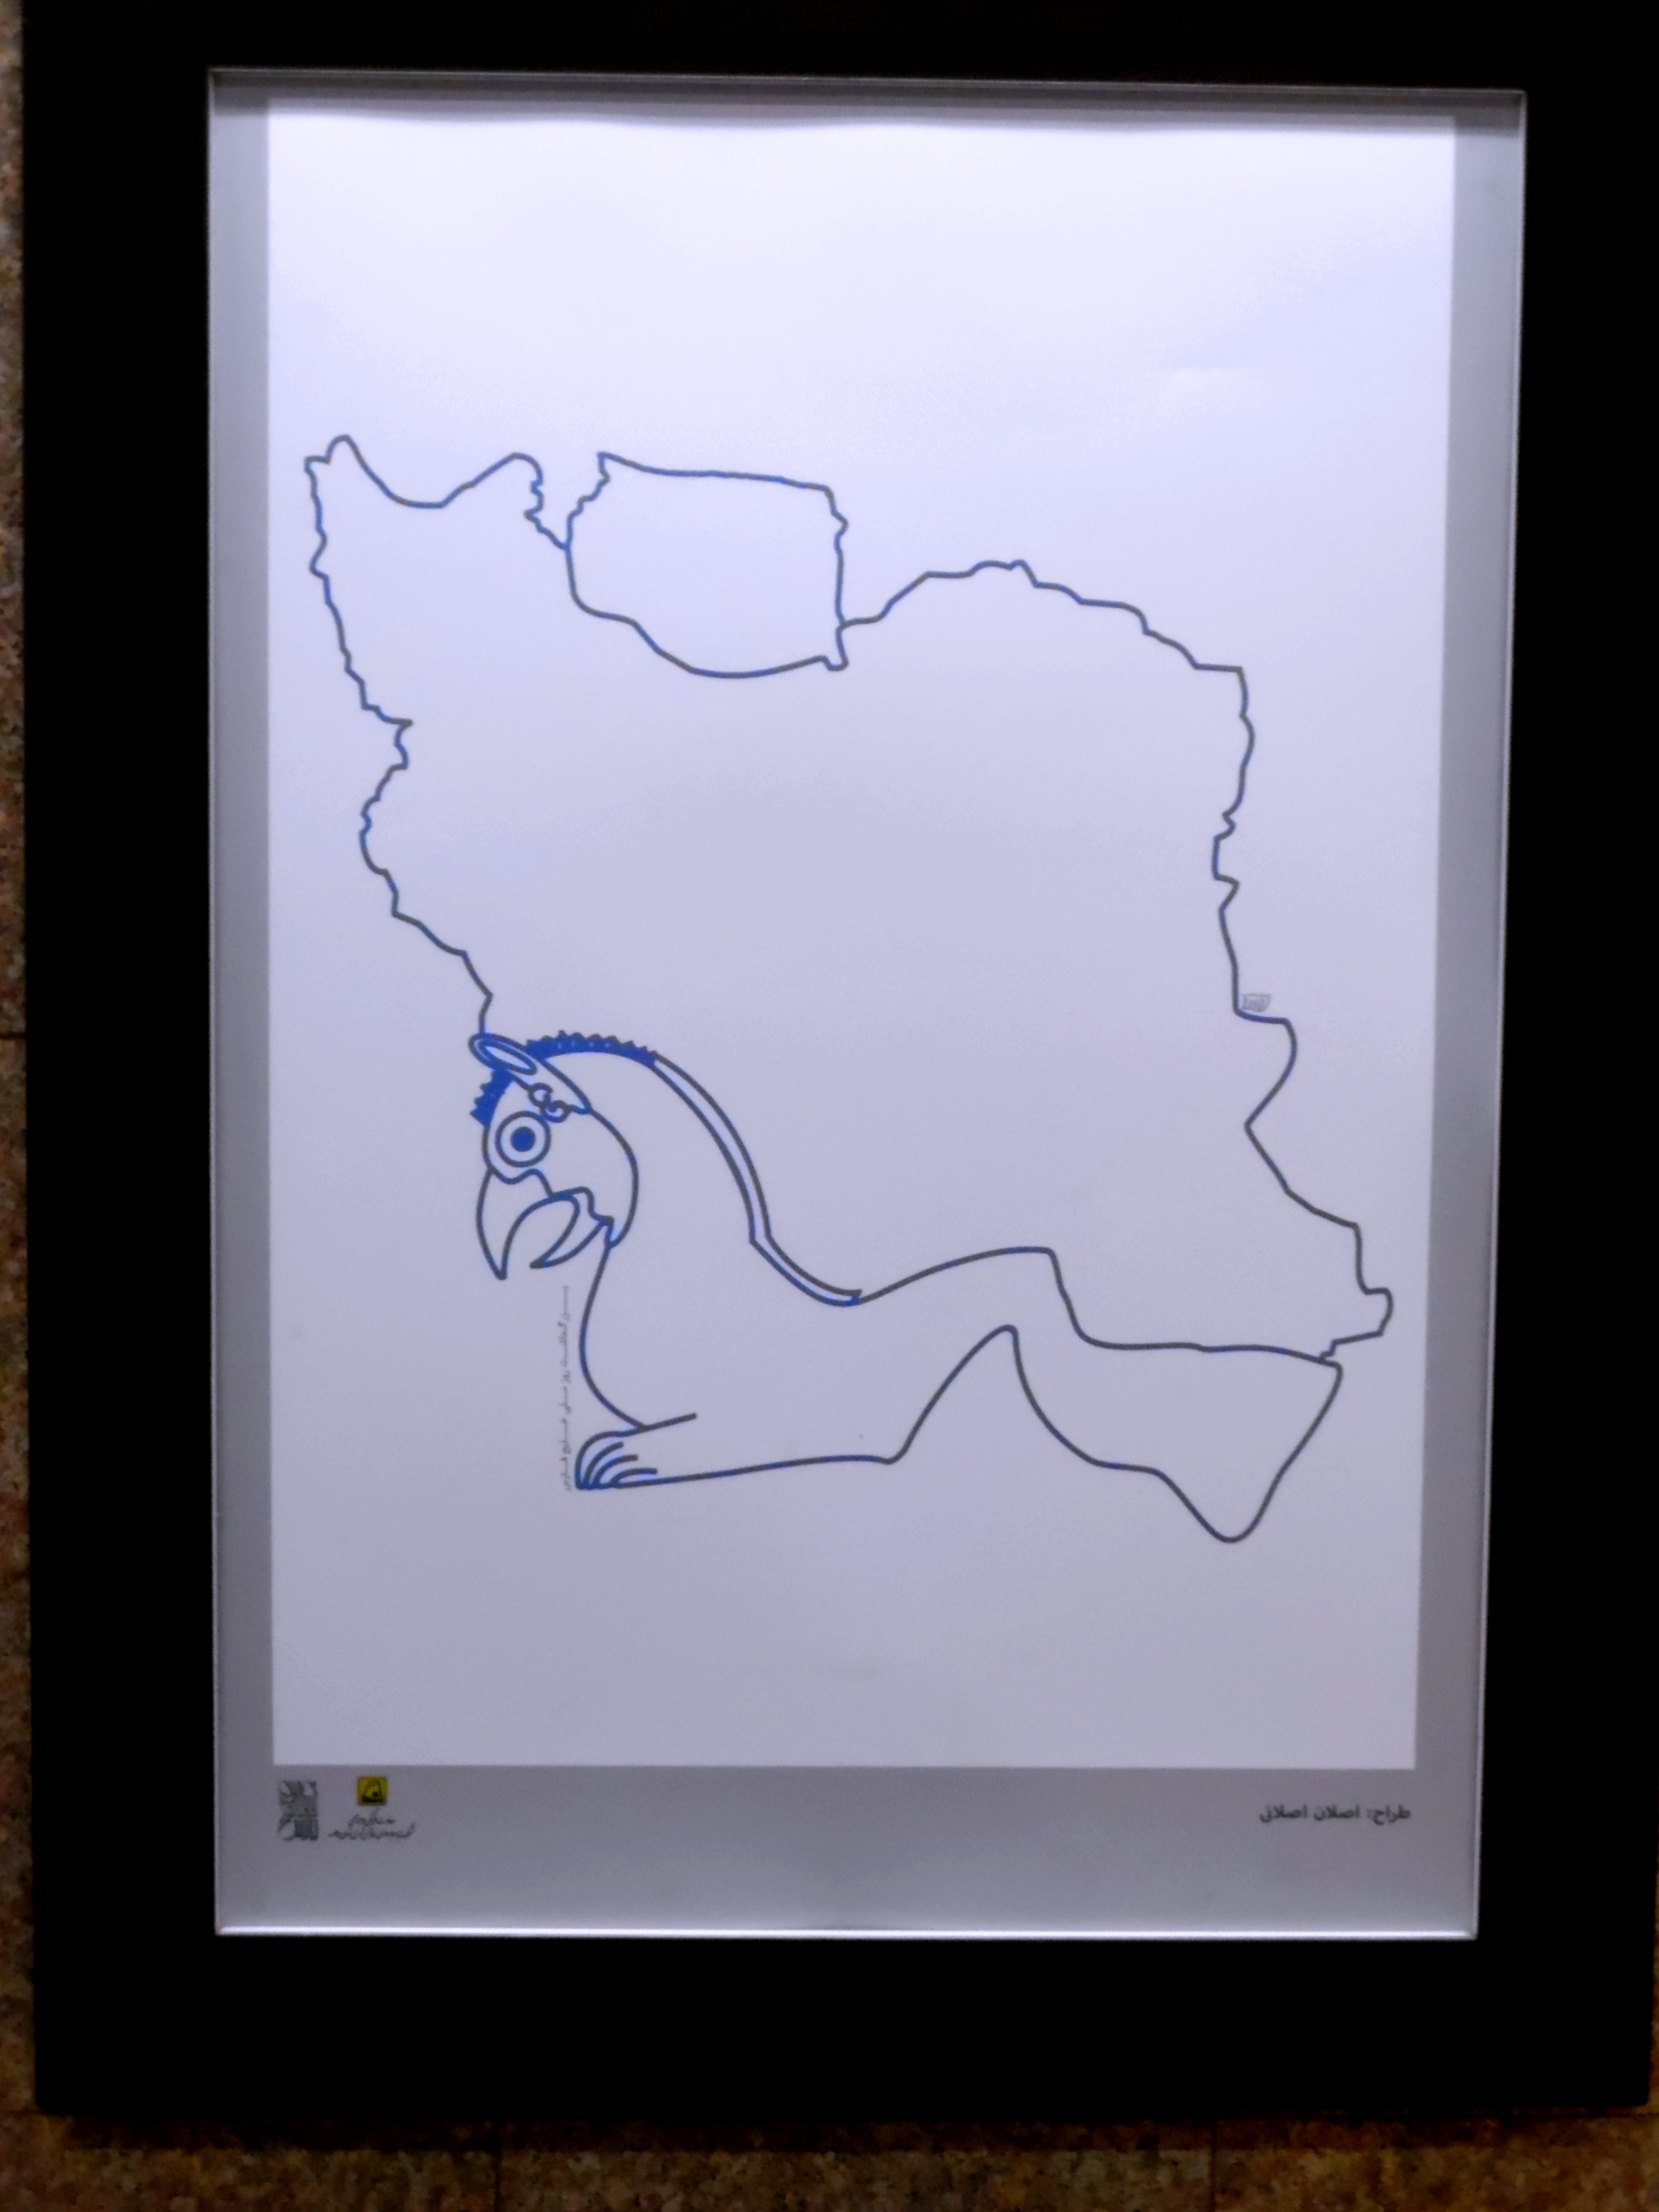 Affiche Golfe persique